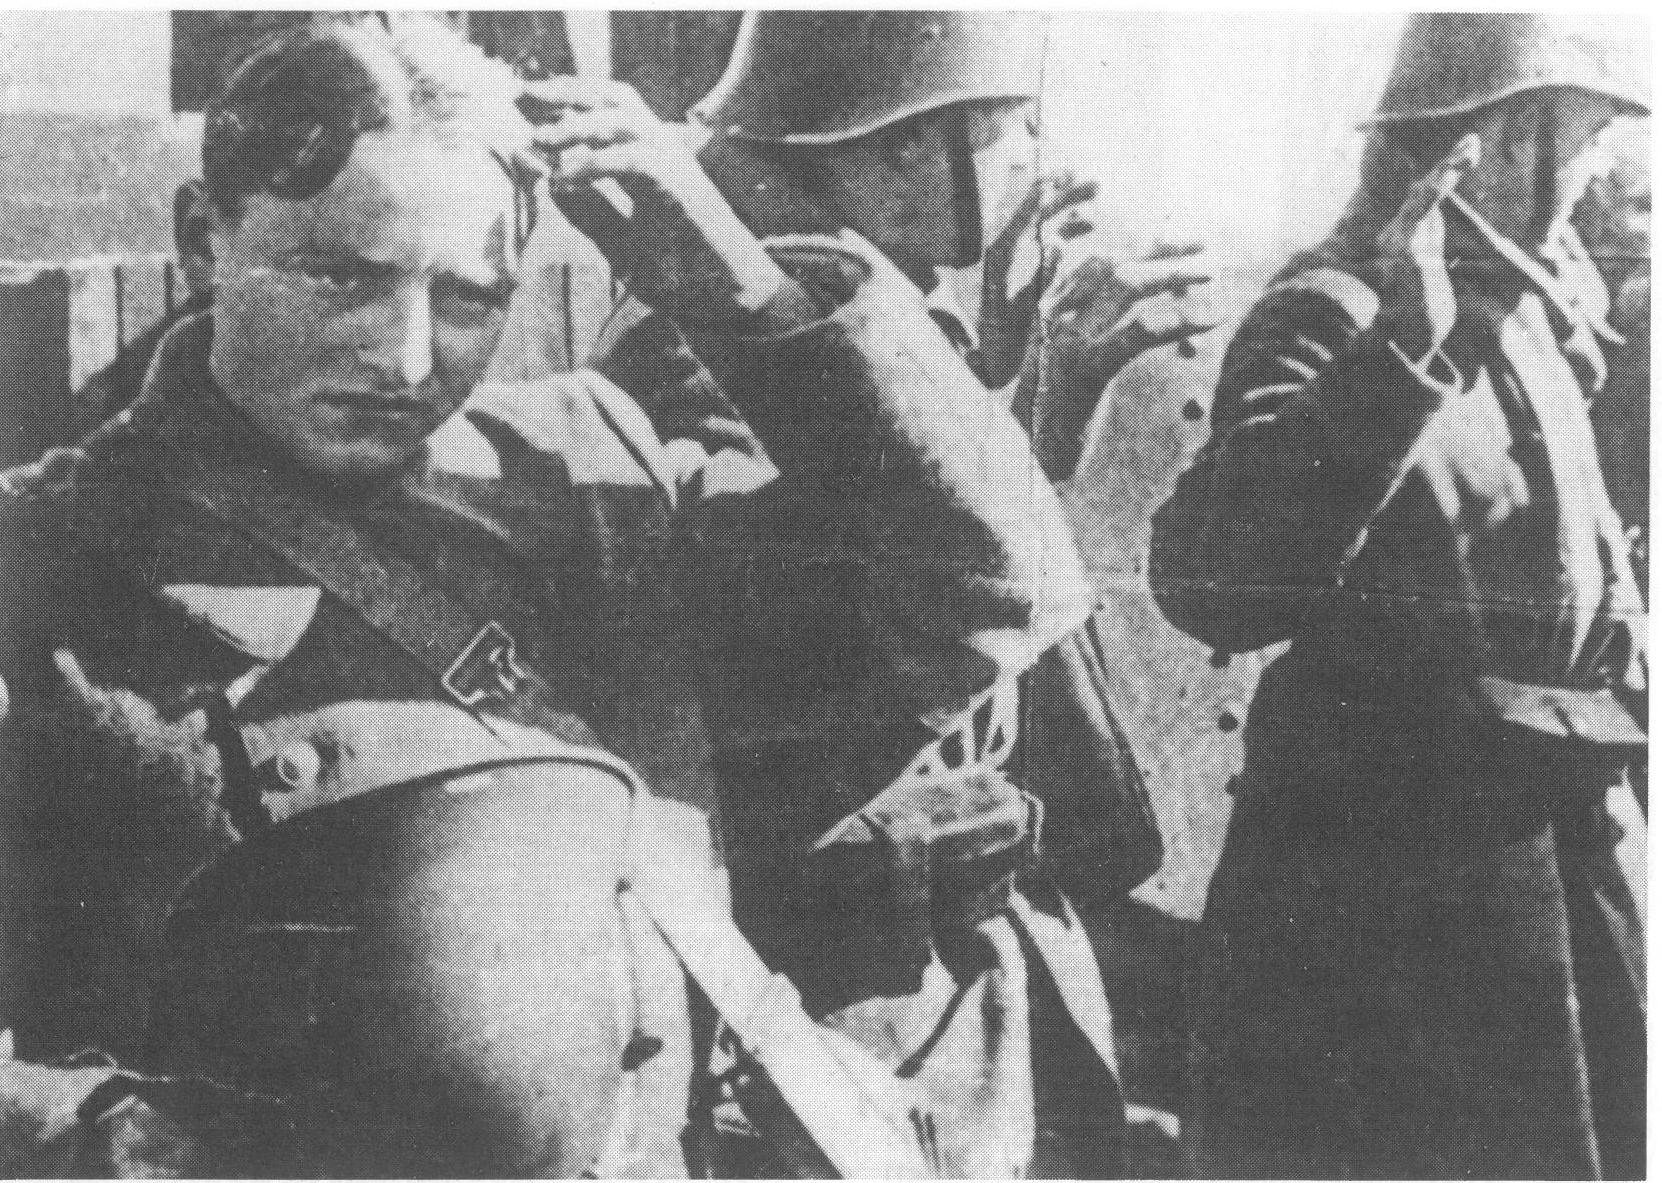 Soldaten Vugteveen, Beetstra en Schuiling tijdens de overgave 10 mei 1940, bron: H. Brand, Die lange morgen in mei